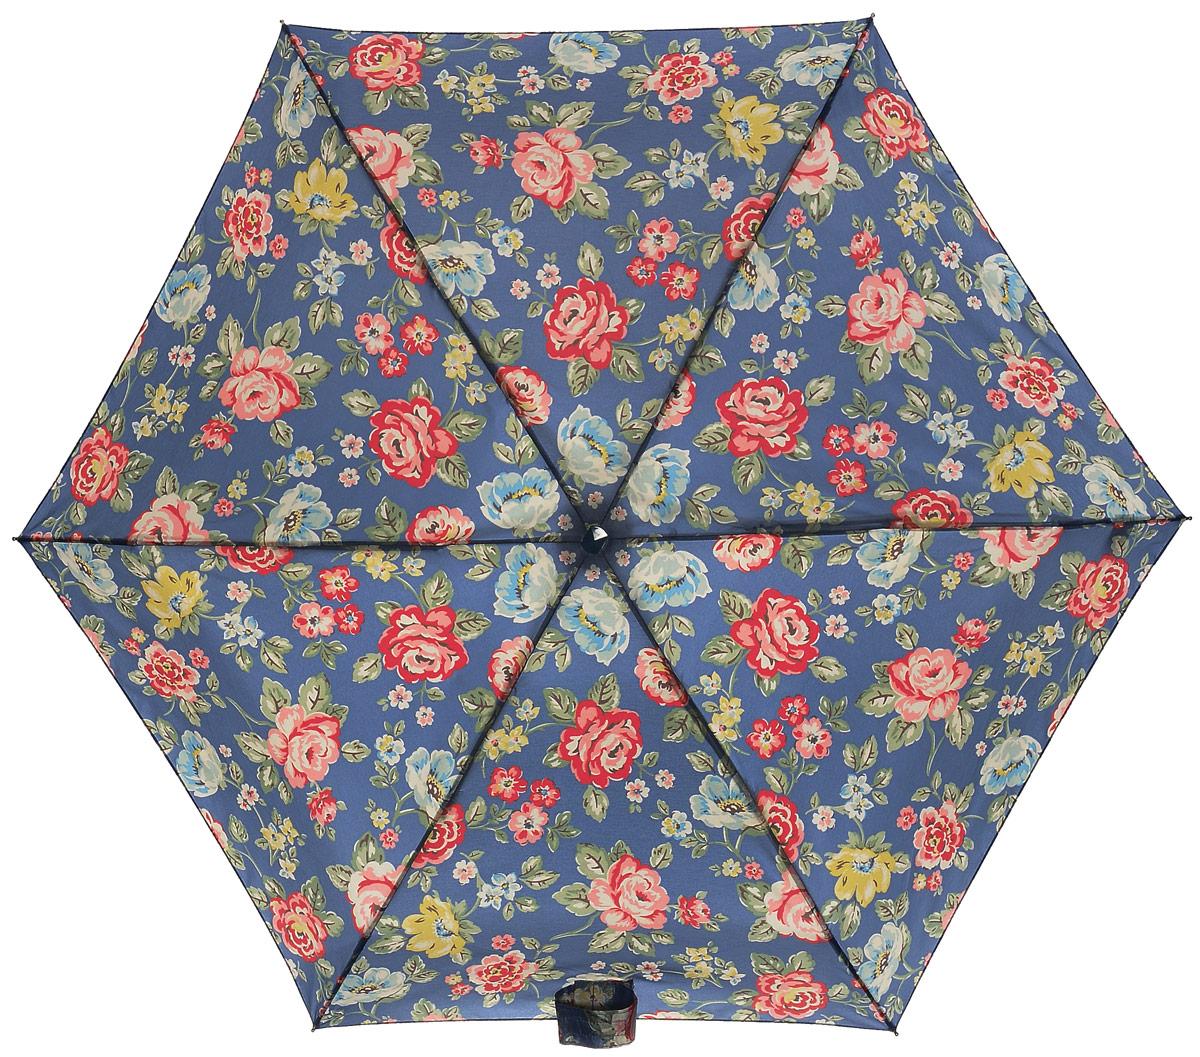 Зонт женский Fulton Cath Kidston, механический, 5 сложений, цвет: синий, мультиколор. L521-2947K60K603557_0130Компактный женский зонт Fulton выполнен из металла и пластика.Каркас зонта выполнен из шести спиц на прочном алюминиевом стержне. Купол зонта изготовлен из прочного полиэстера. Закрытый купол застегивается на хлястик с липучкой. Практичная рукоятка закругленной формы разработана с учетом требований эргономики и выполнена из натурального дерева.Зонт складывается и раскладывается механическим способом.Зонт дополнен легким плоским чехлом. Такая модель не только надежно защитит от дождя, но и станет стильным аксессуаром.